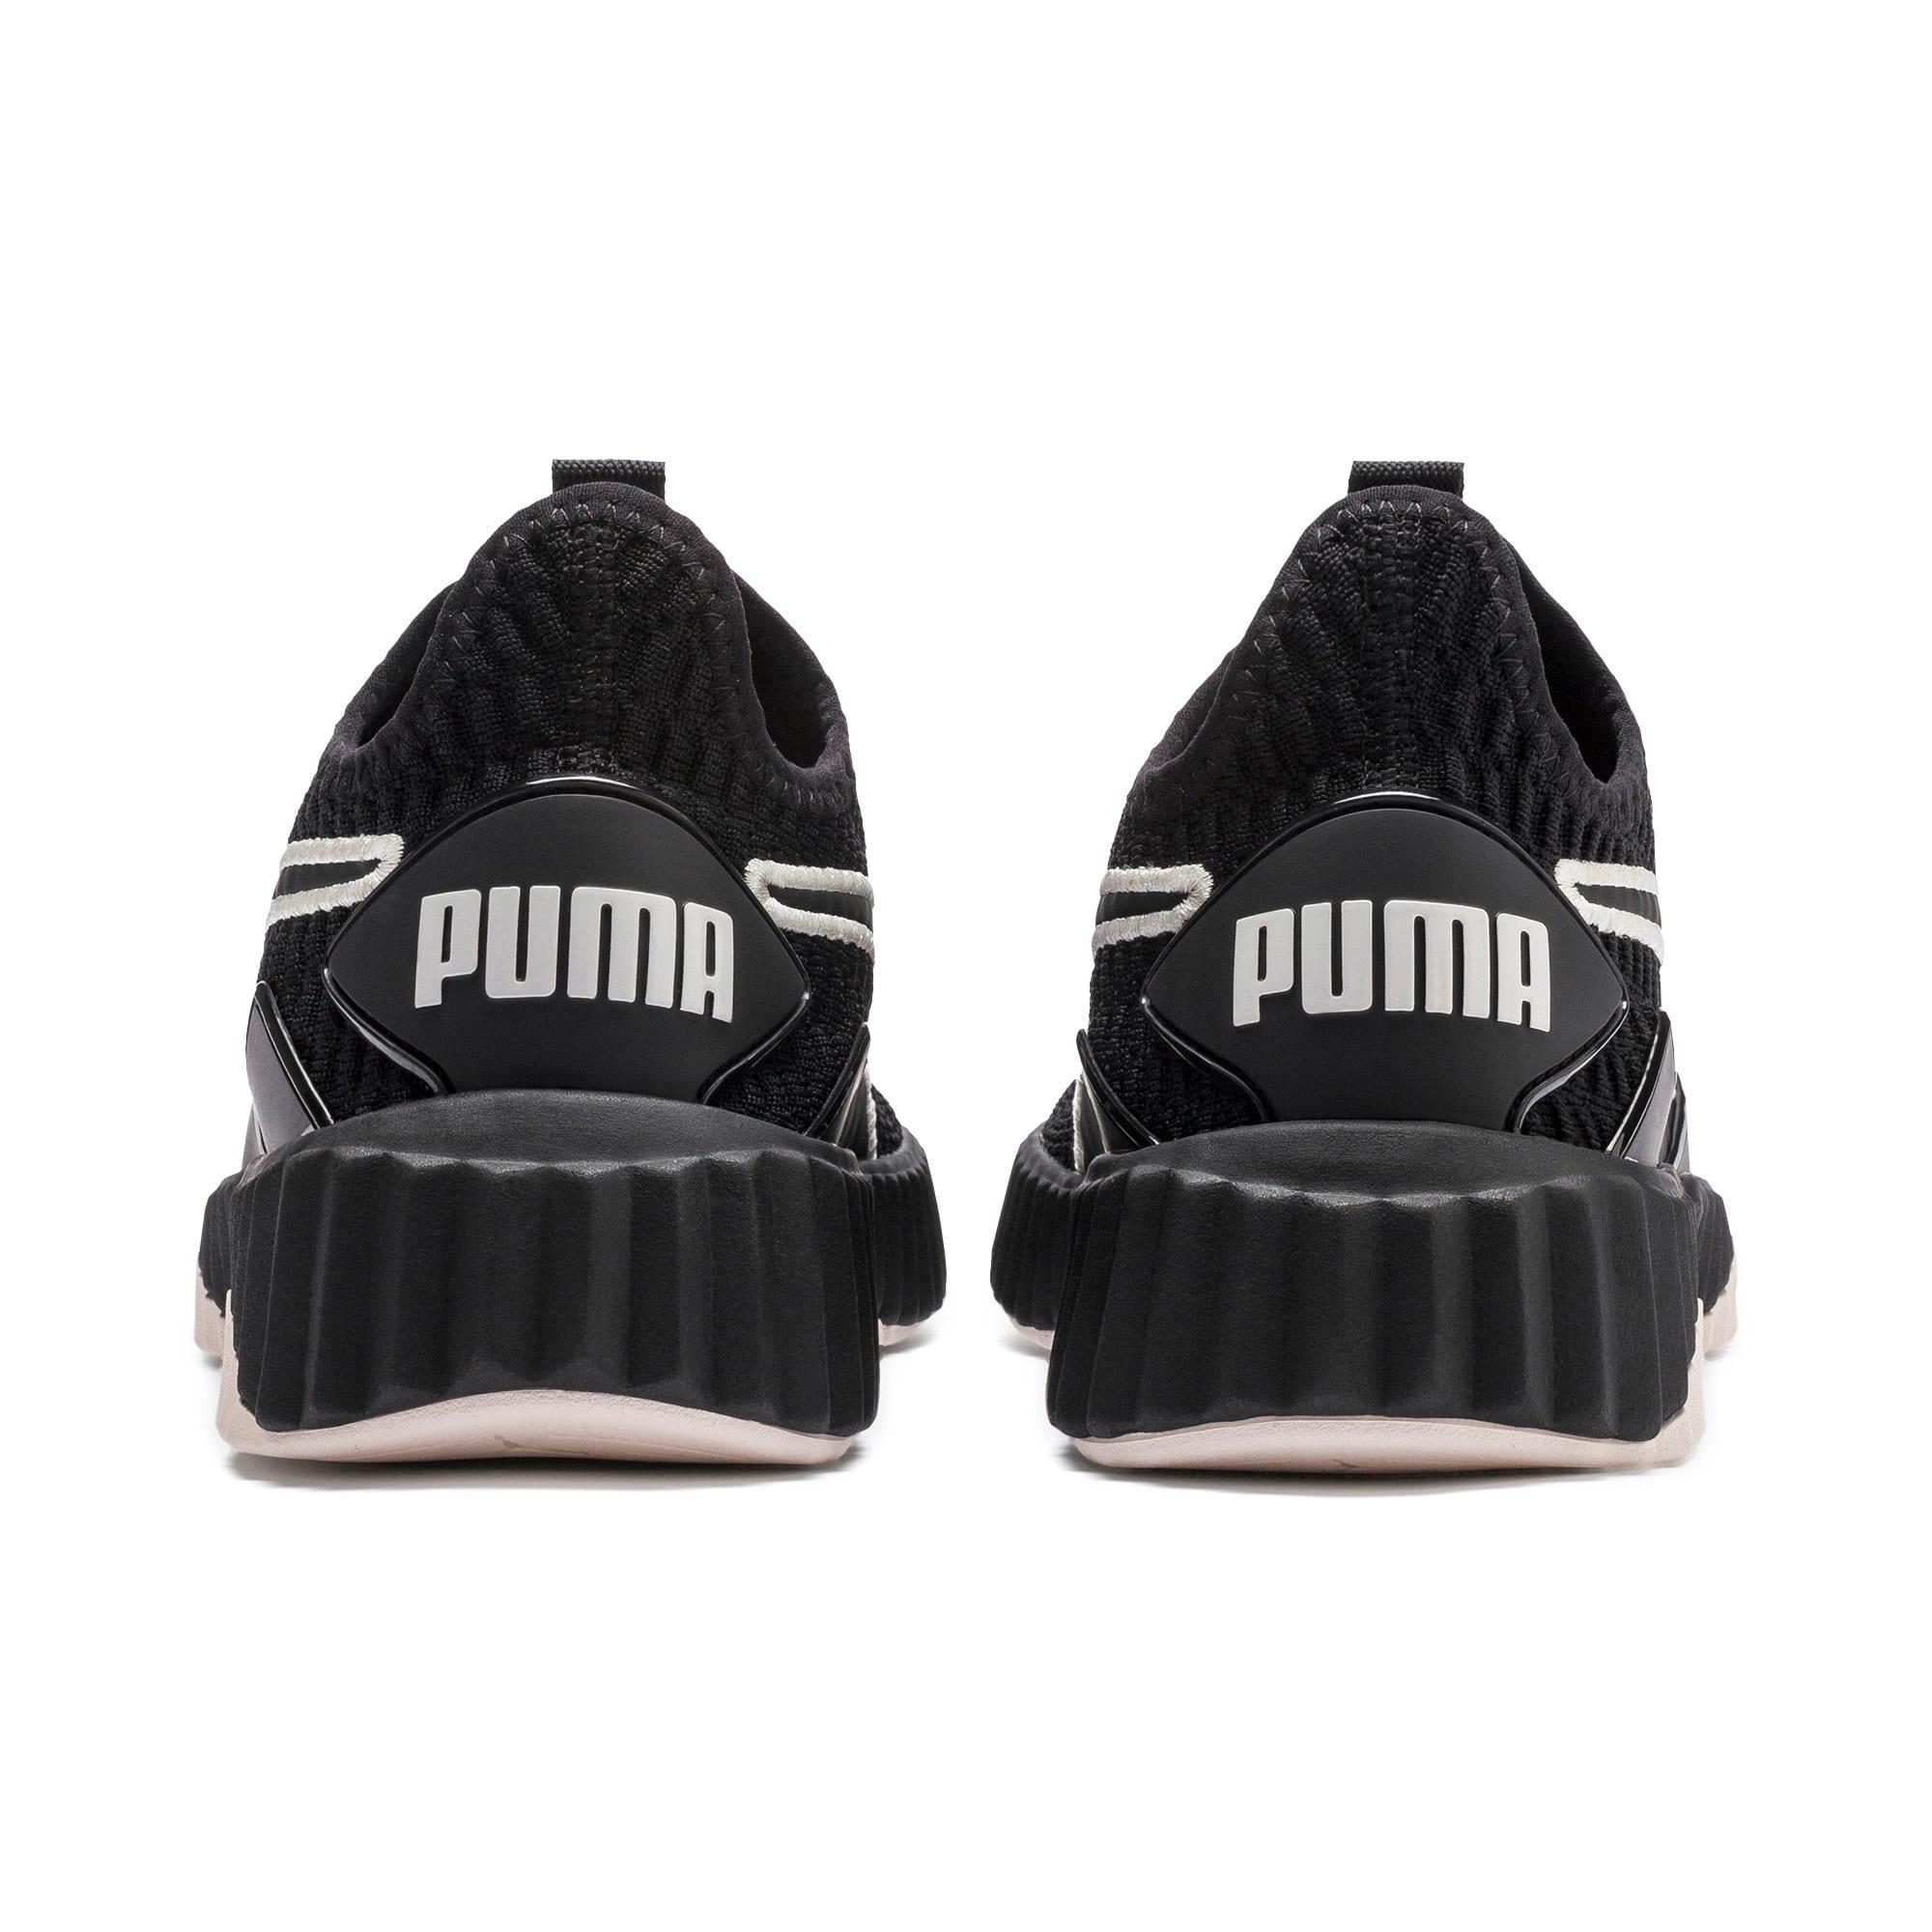 Thumbnail 4 of Defy Women's Training Shoes, Puma Black-Pastel Parchment, medium